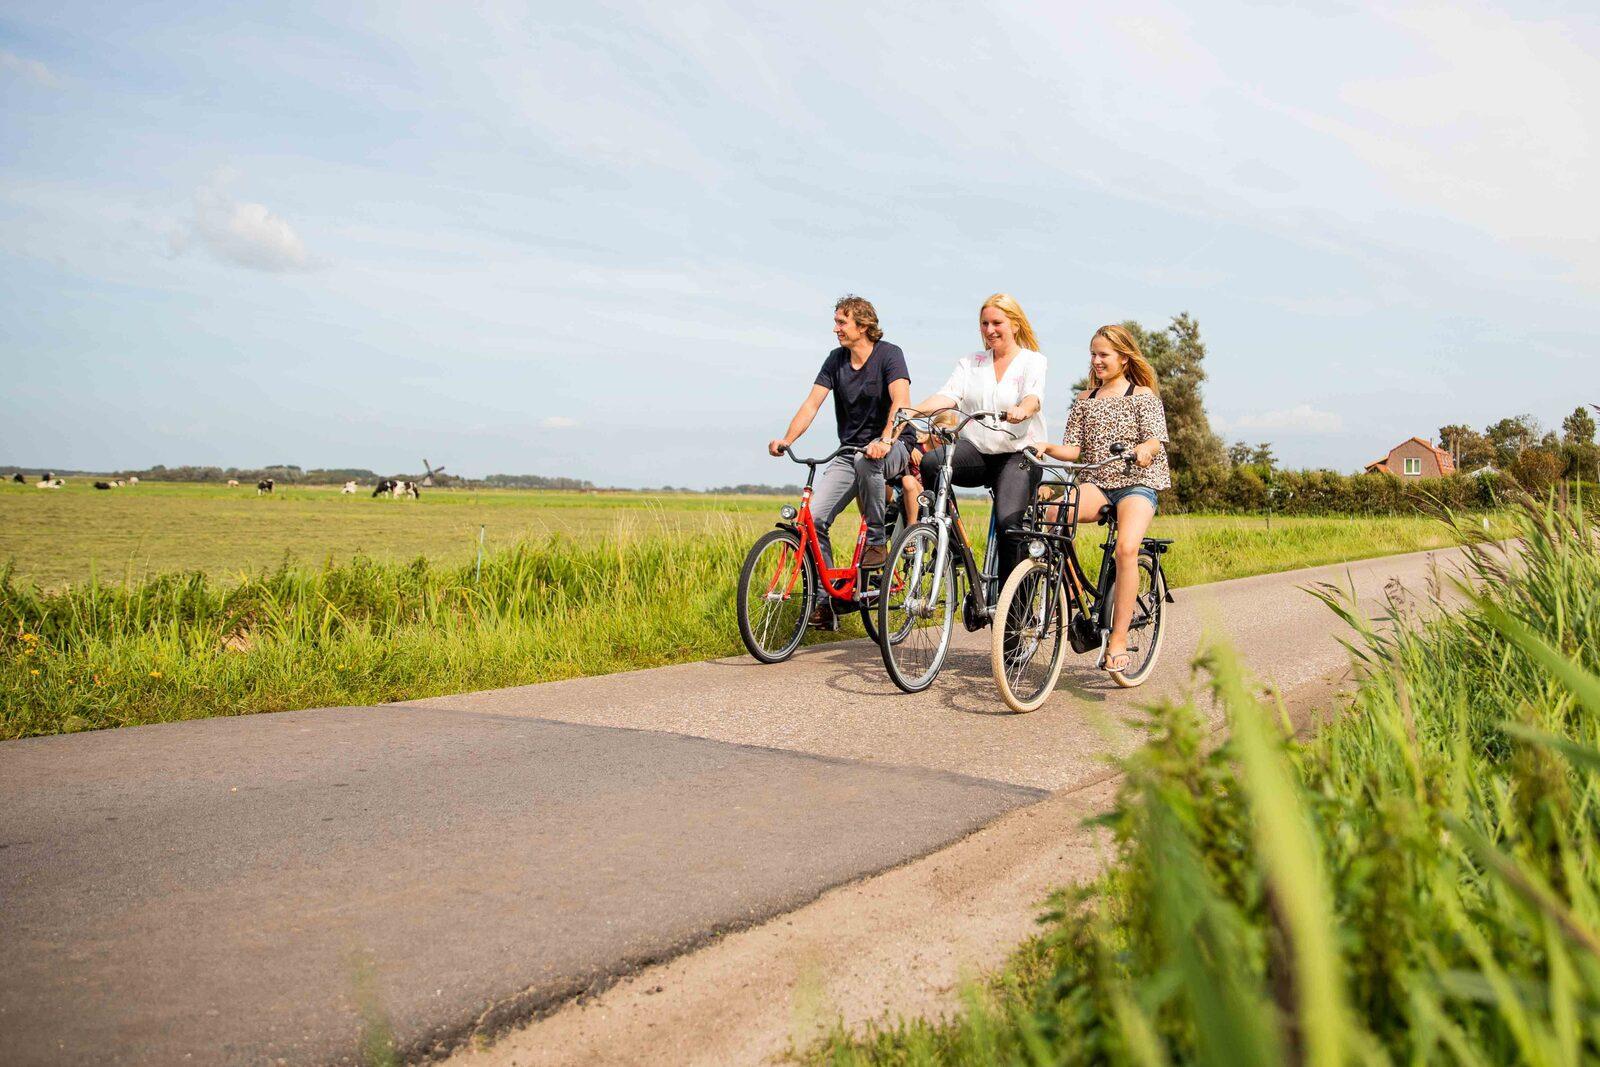 Die Niederlande sind eines der zehn besten Reiseziele weltweit